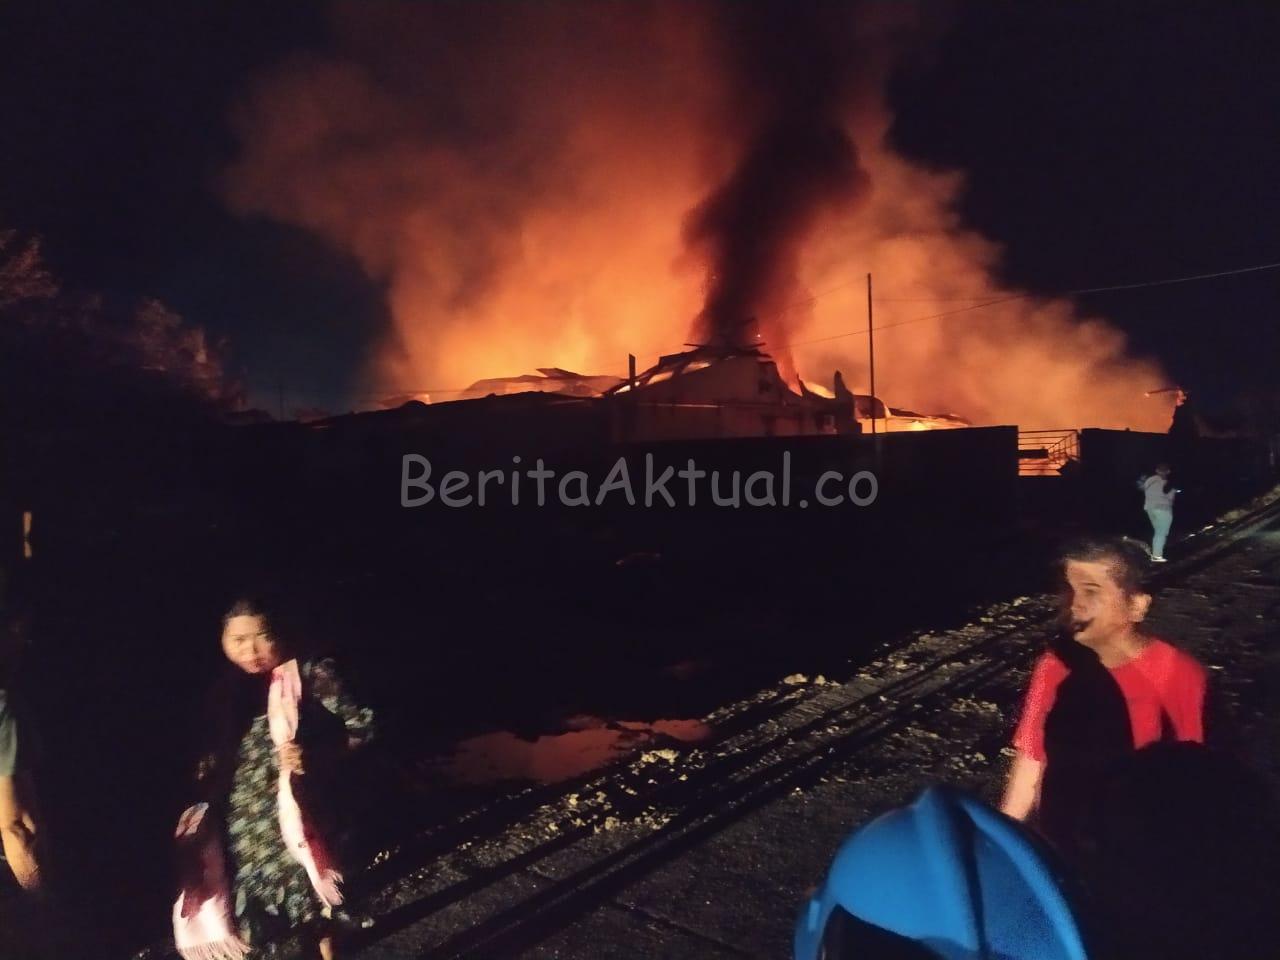 Pabrik Kasur di Kota Sorong Hangus Terbakar, Butuh 3 Jam Api Baru Bisa Dipadamkan 18 IMG 20200615 WA0003